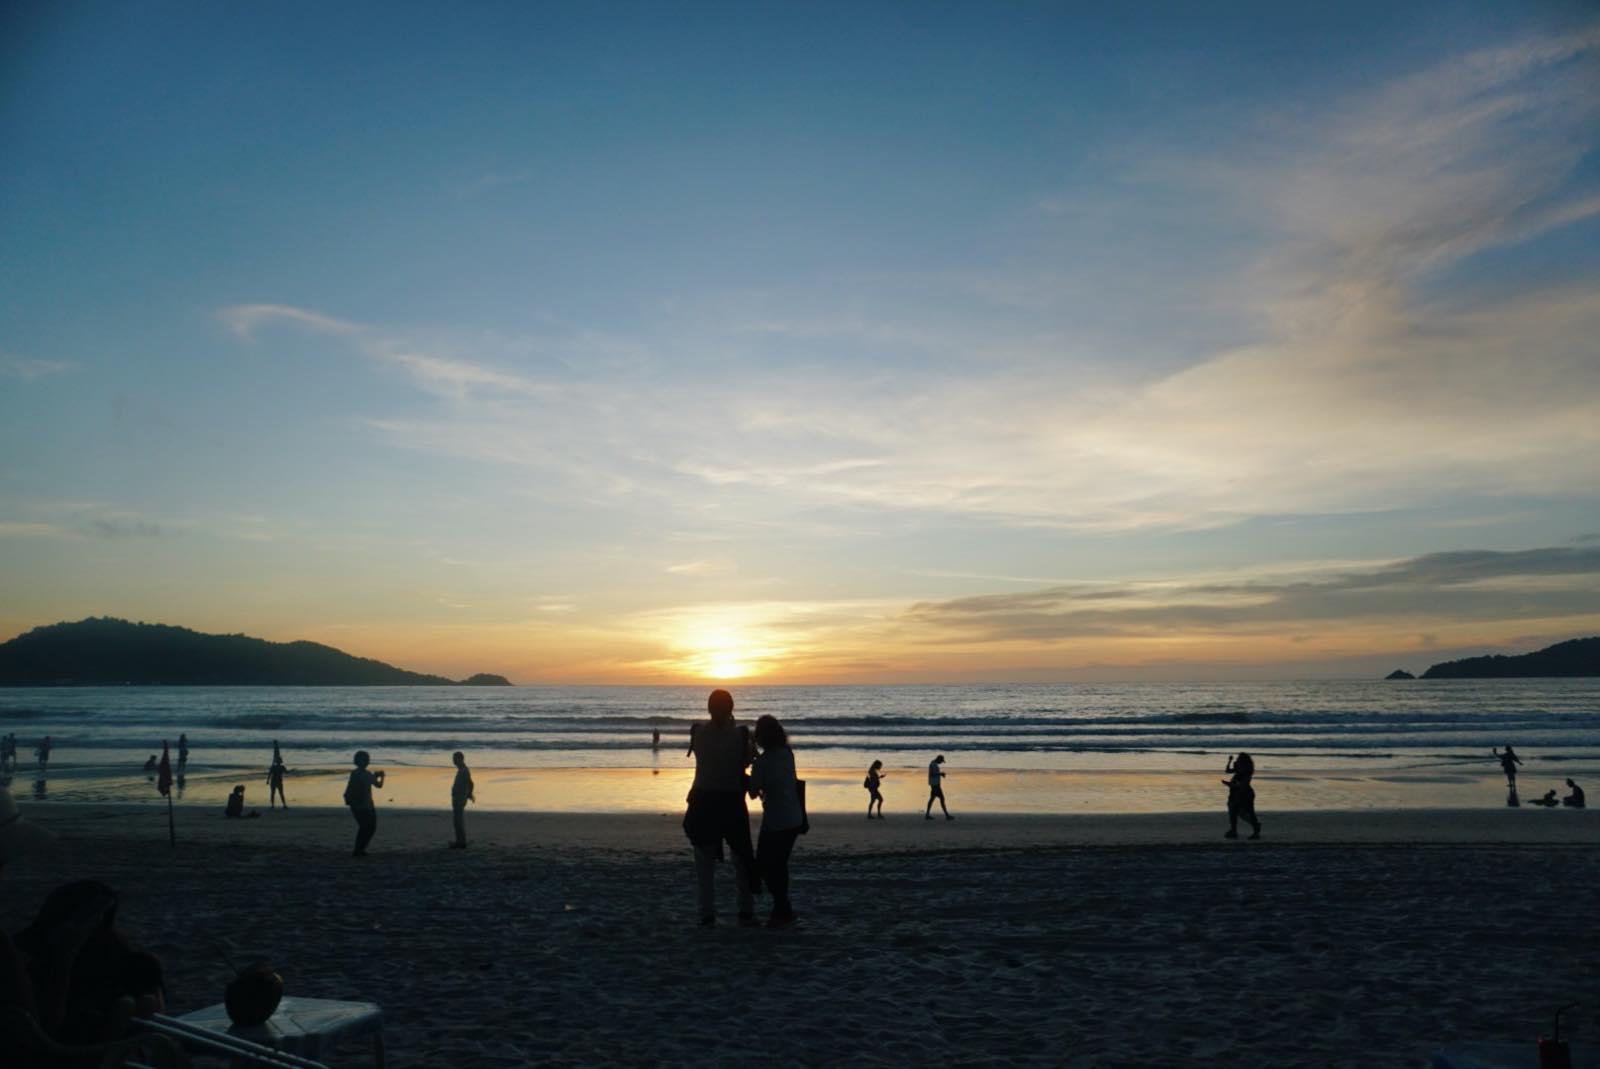 プーケットのビーチでの夕焼け